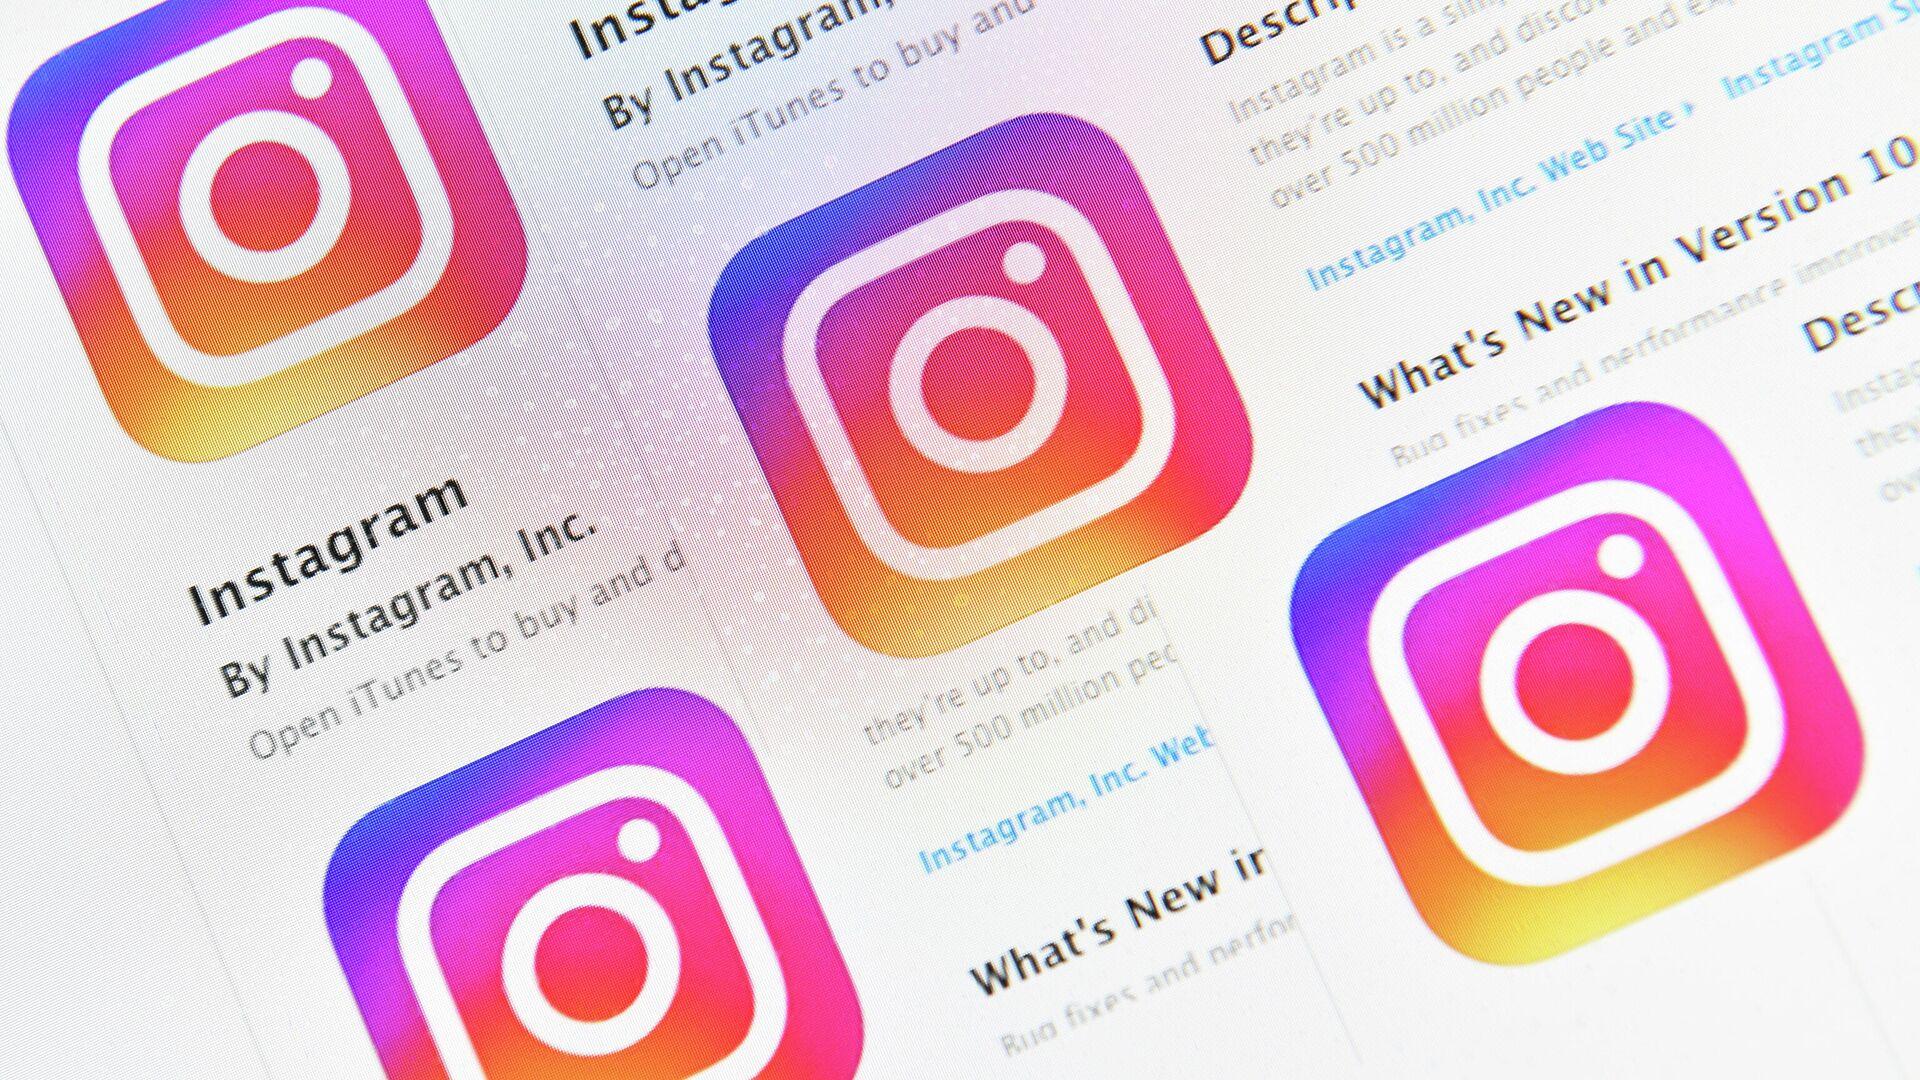 Иконки социальной сети Instagram на экране смартфона - РИА Новости, 1920, 21.04.2021